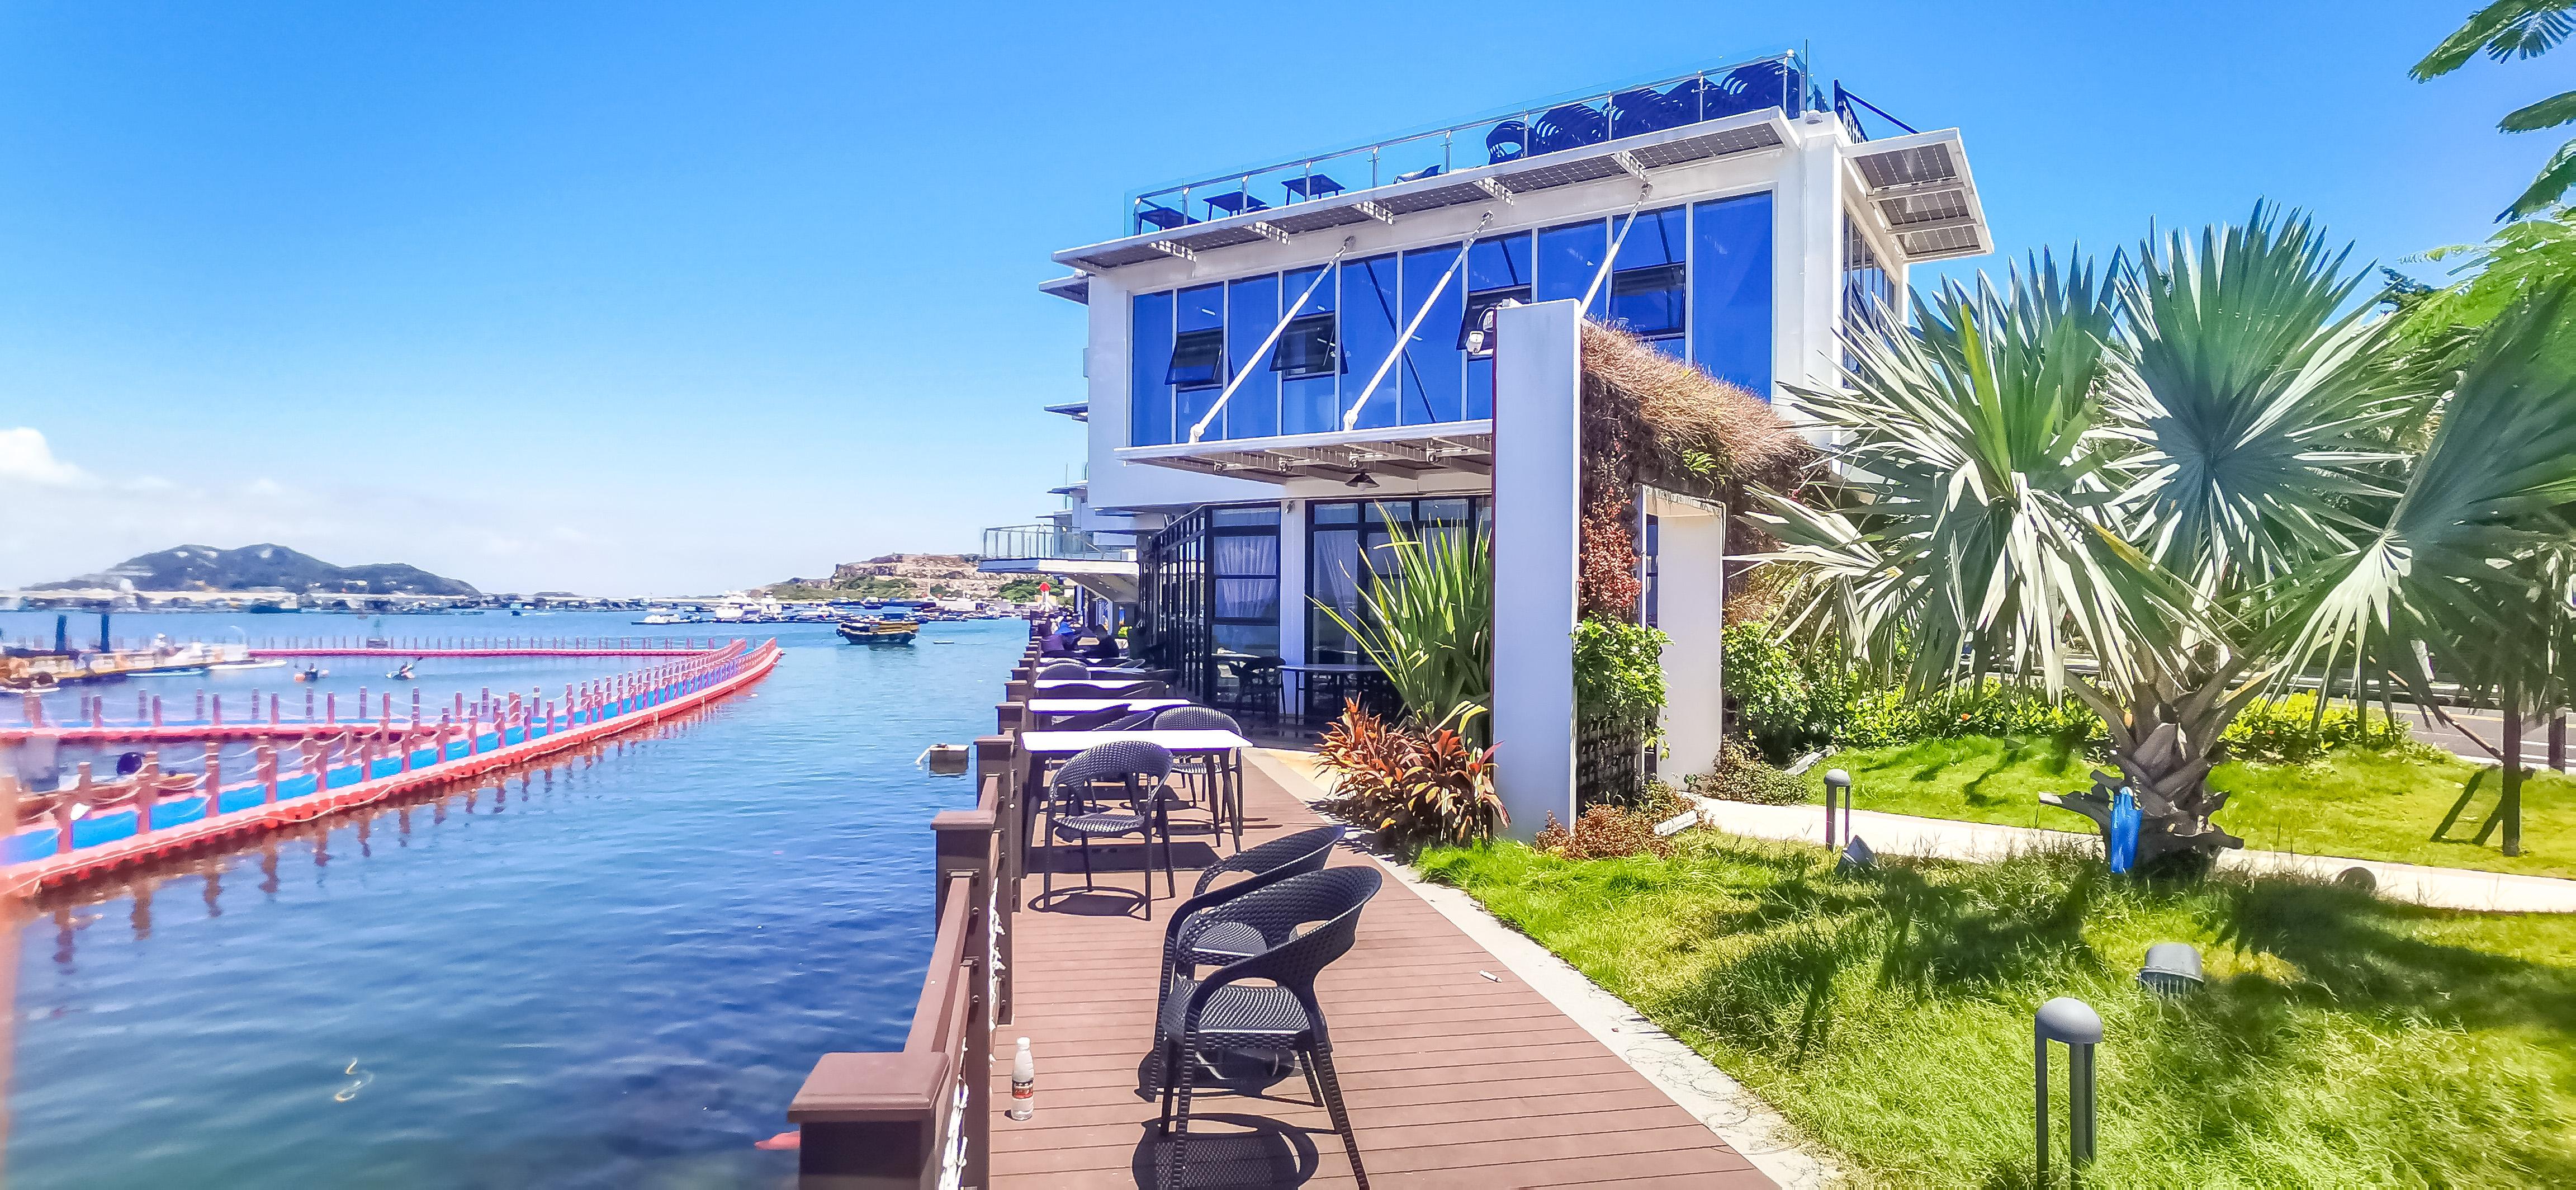 """珠海最美的海岛,誉为""""中国的马尔代夫"""",水清沙幼超适合度假"""